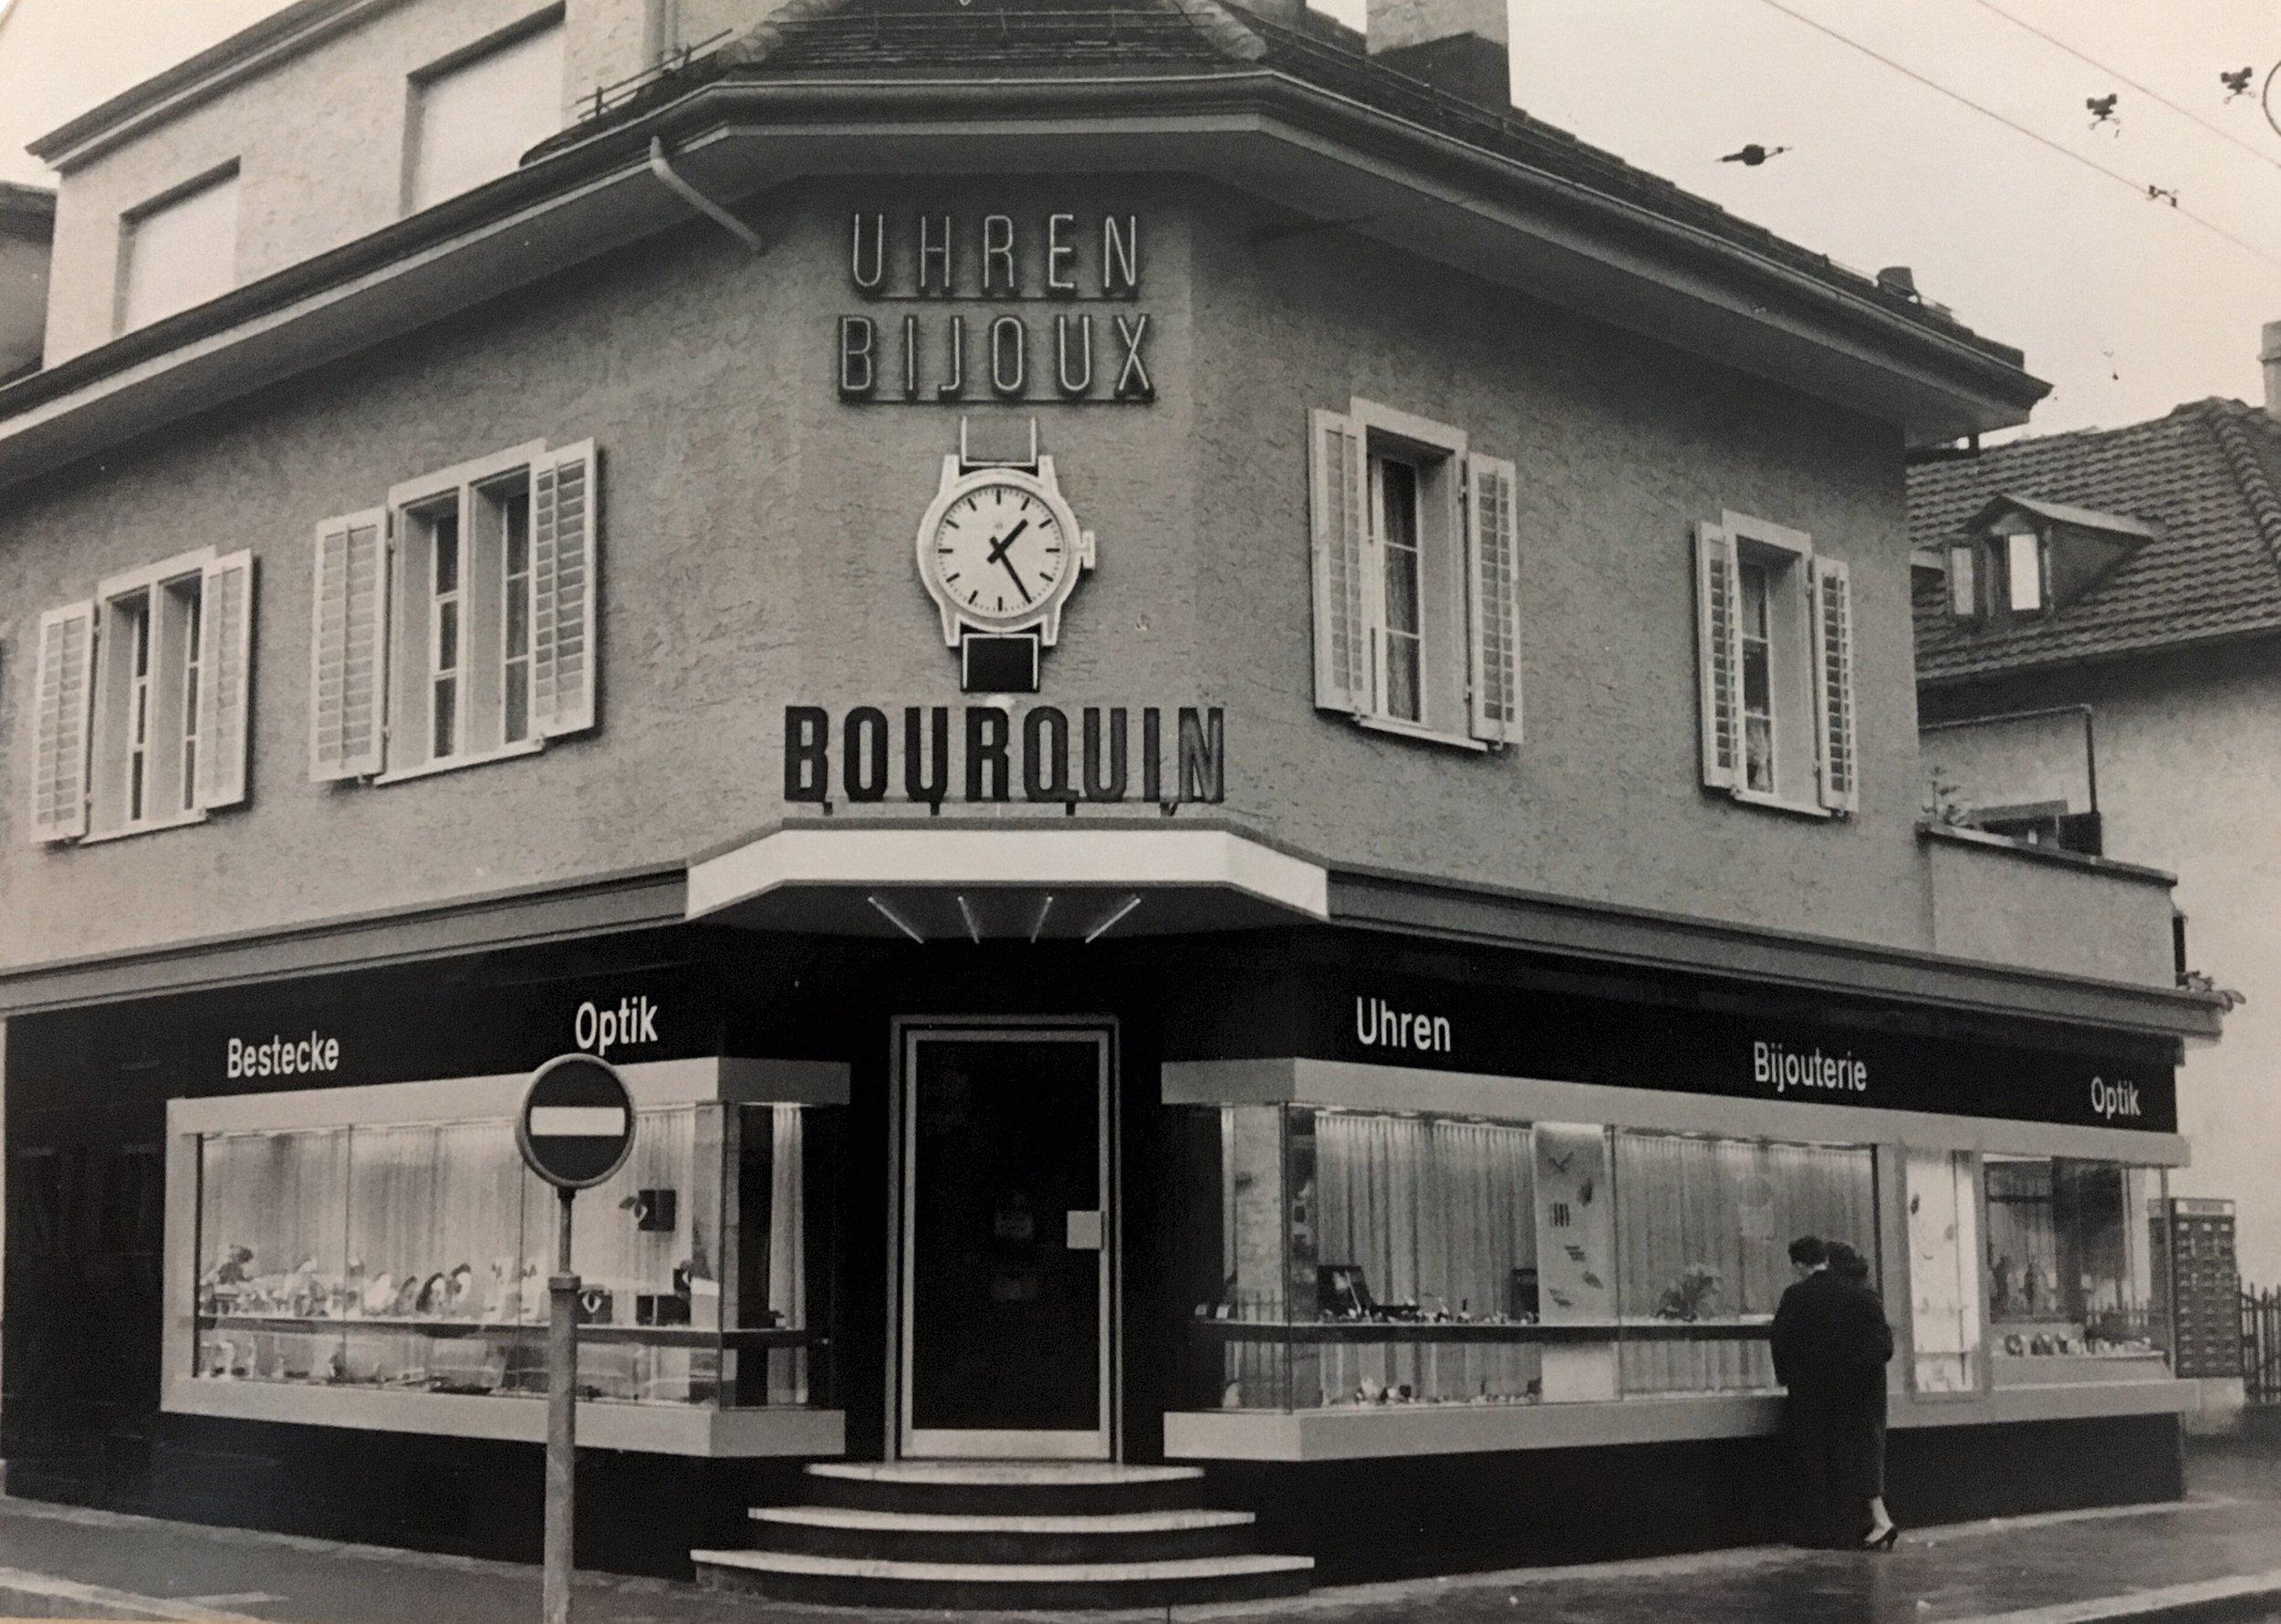 1959 - Umbau und Wiedereröffnung unserer modernisierten Verkaufsräume und Einstieg von Raymond Bourquin, der das Geschäft heute noch gemeinsam mit seiner Ehefrau Erika Bourquin und seinem Sohn Michel Bourquin führt.